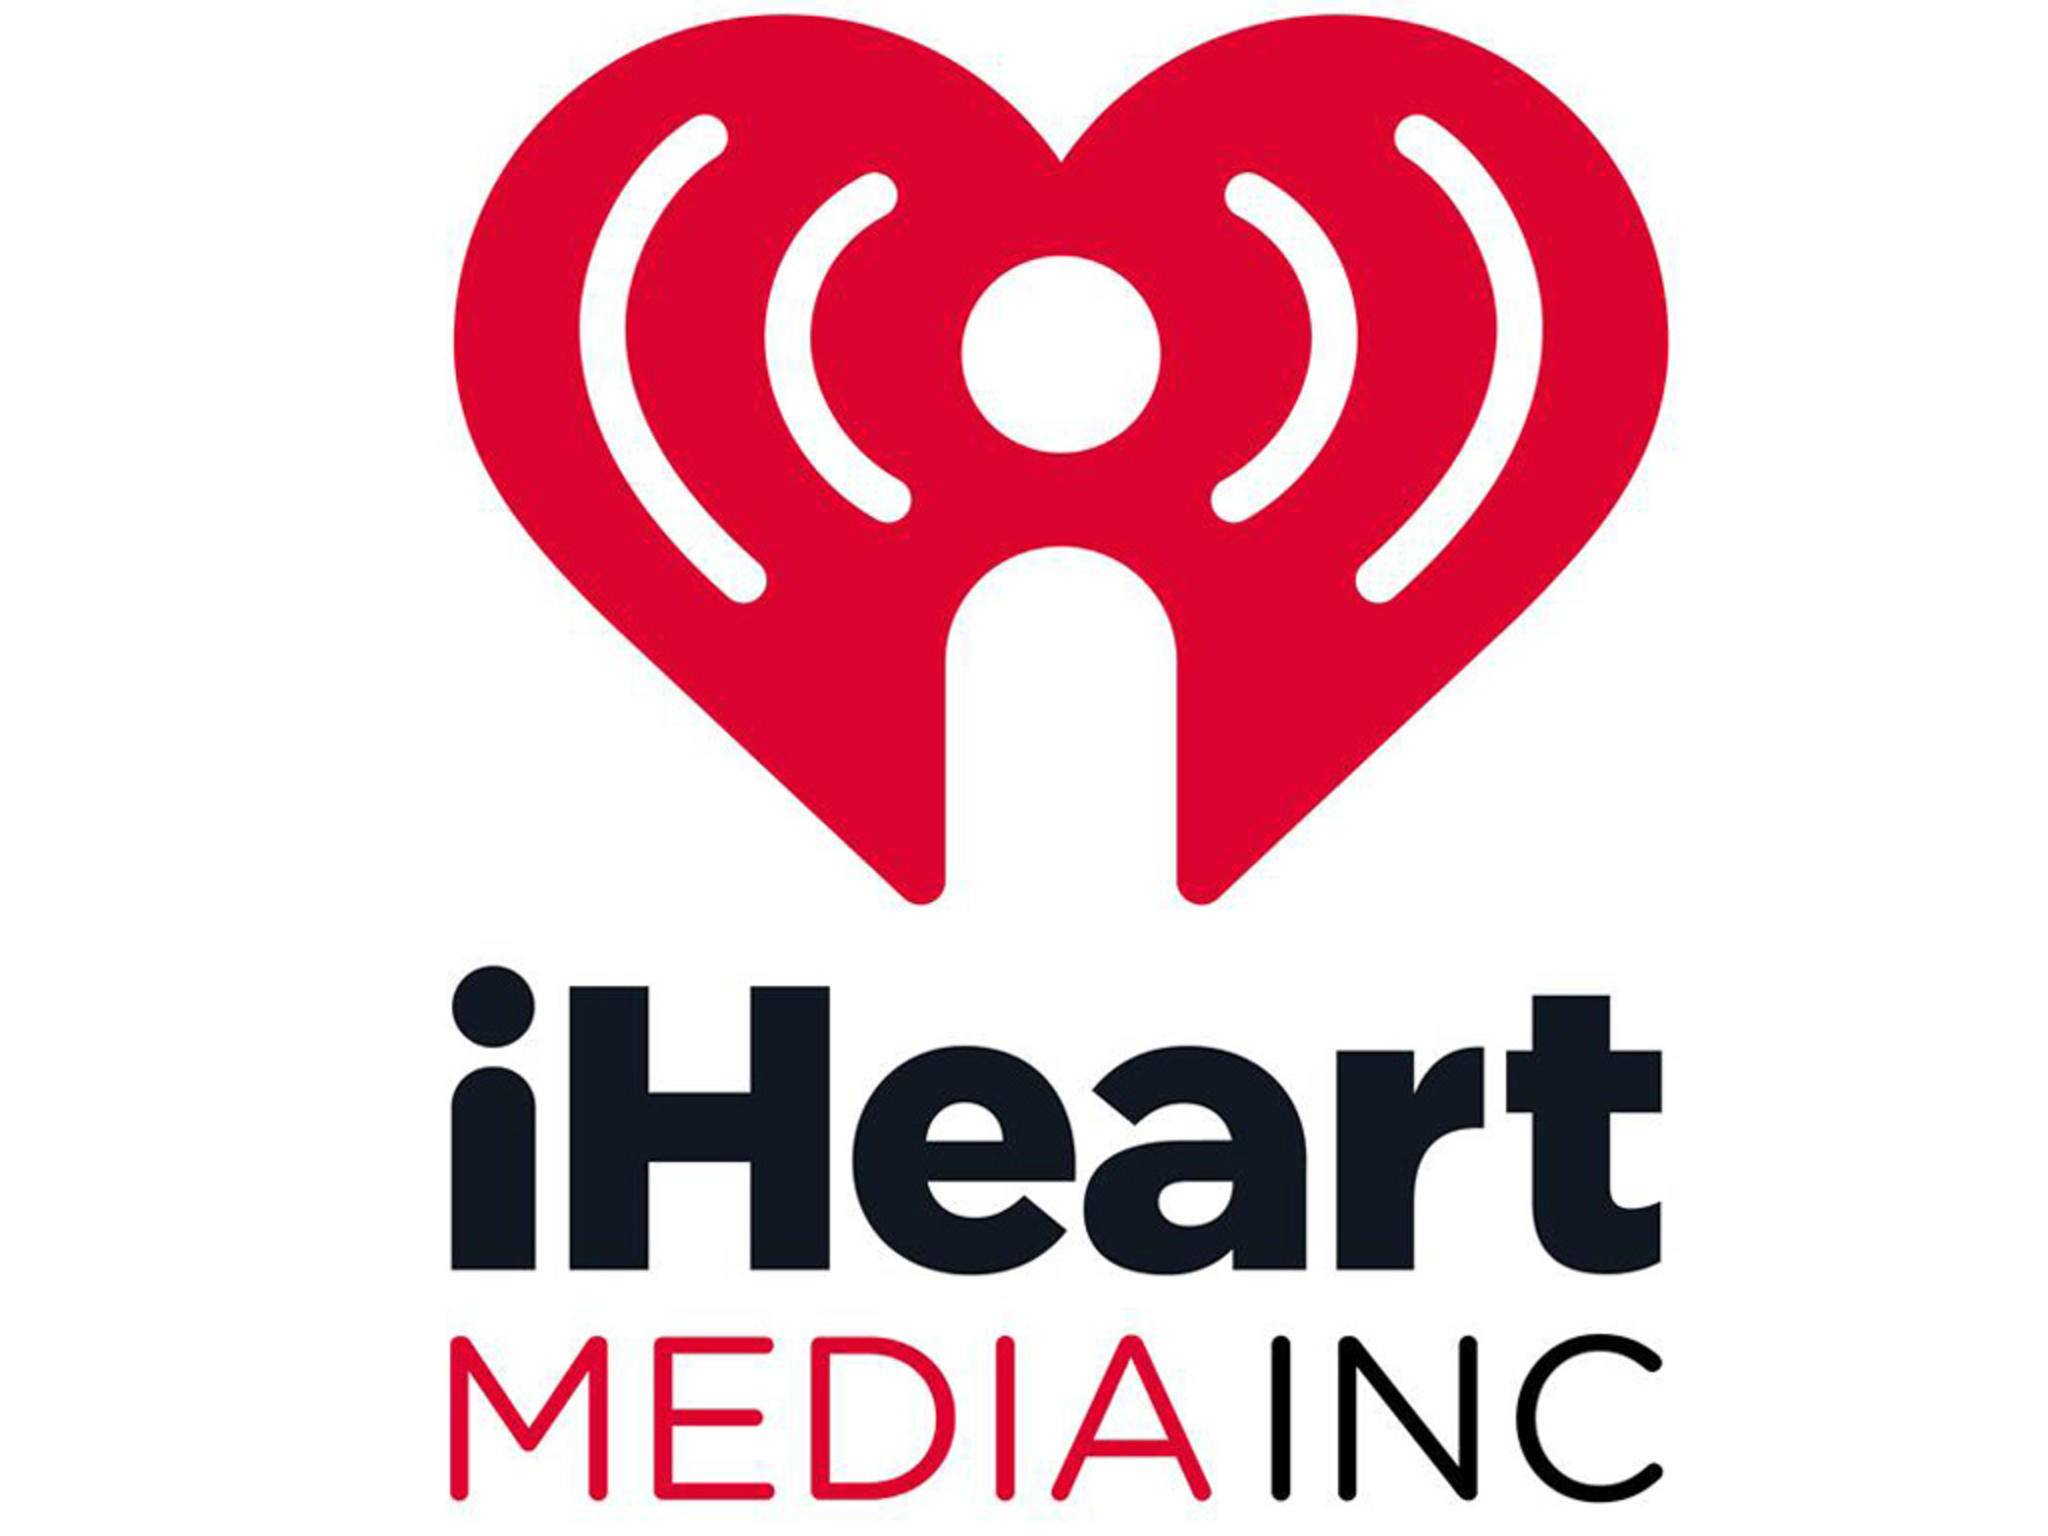 Der US-Radiokonzern iHeartMedia plant offenbar einen eigenen Streamingdienst.